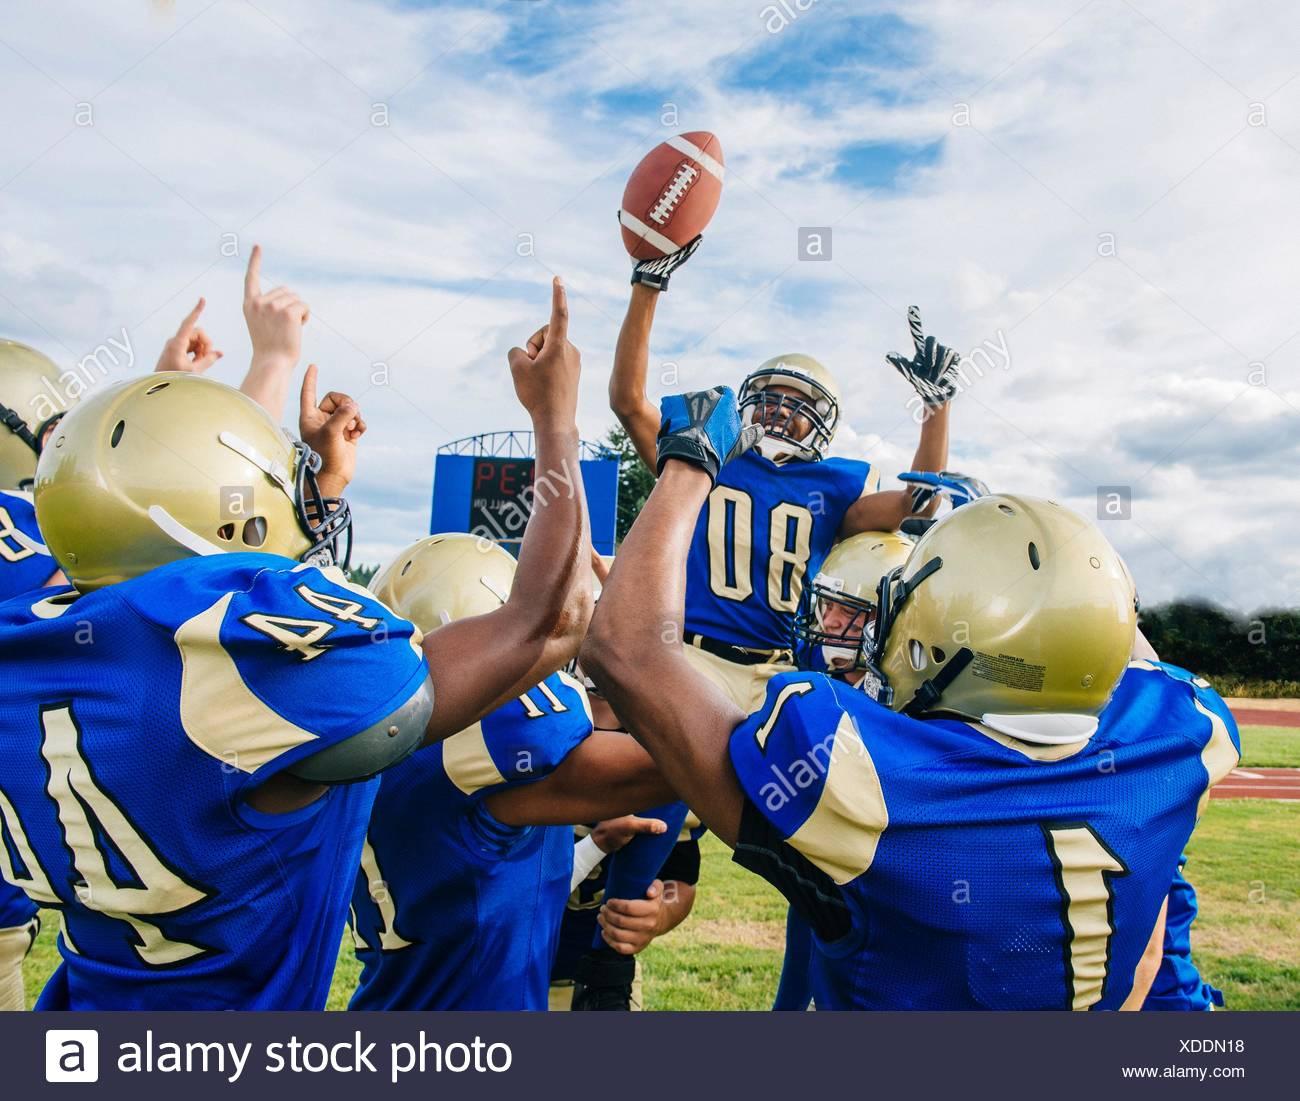 Un adolescente e giovane maschio american football team celebrando la vittoria sul campo di calcio Immagini Stock